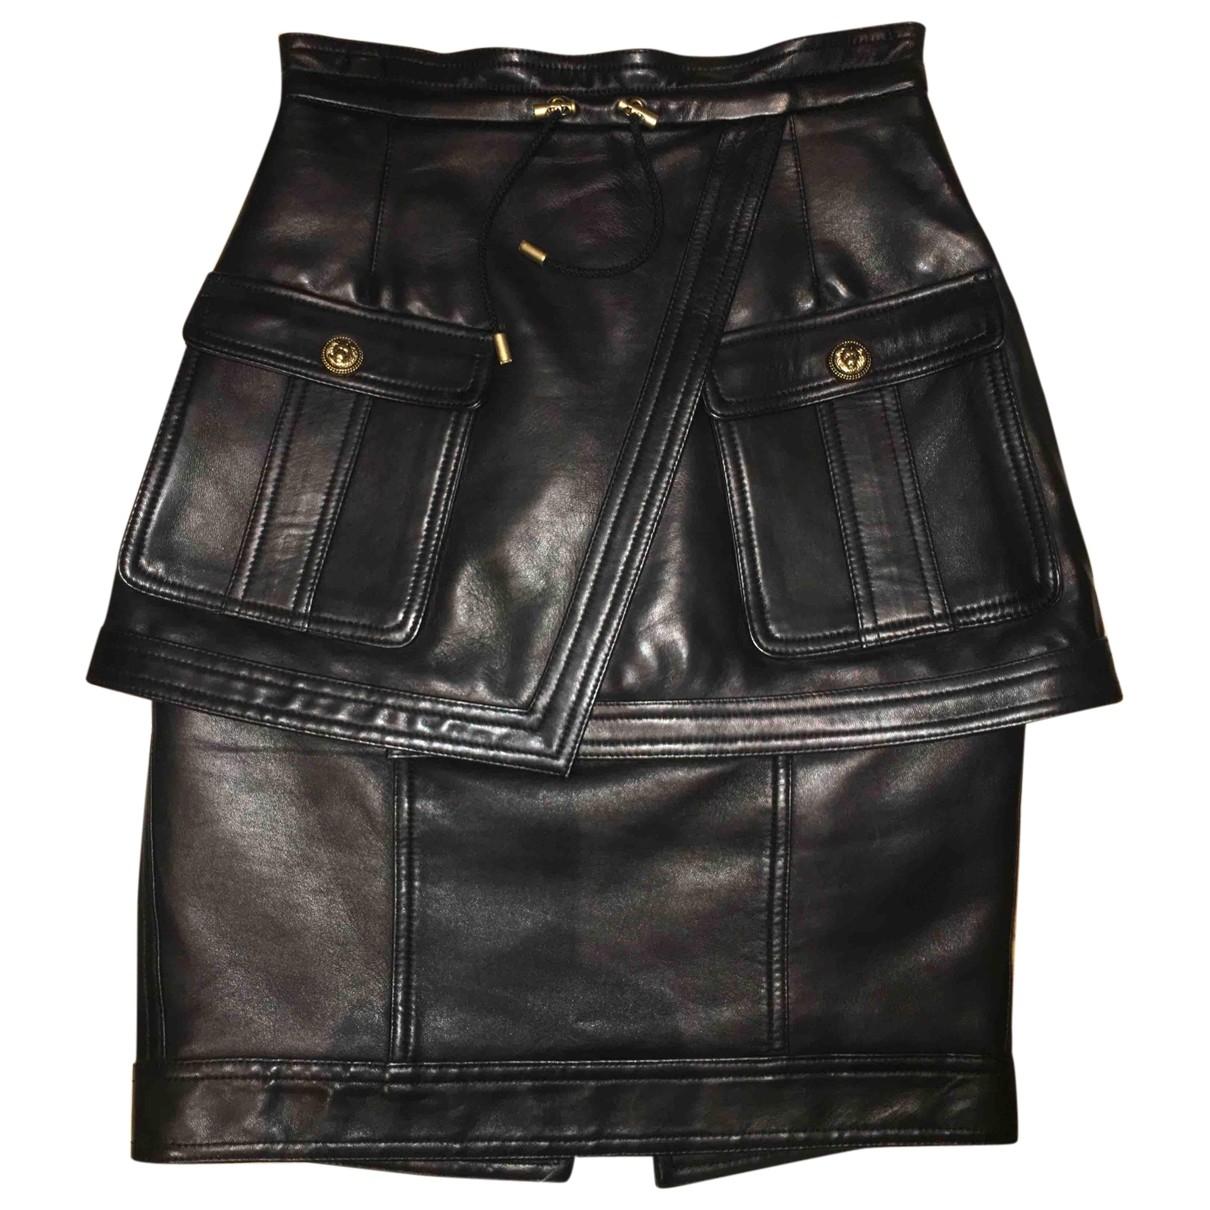 Balmain \N Black Leather skirt for Women 36 FR